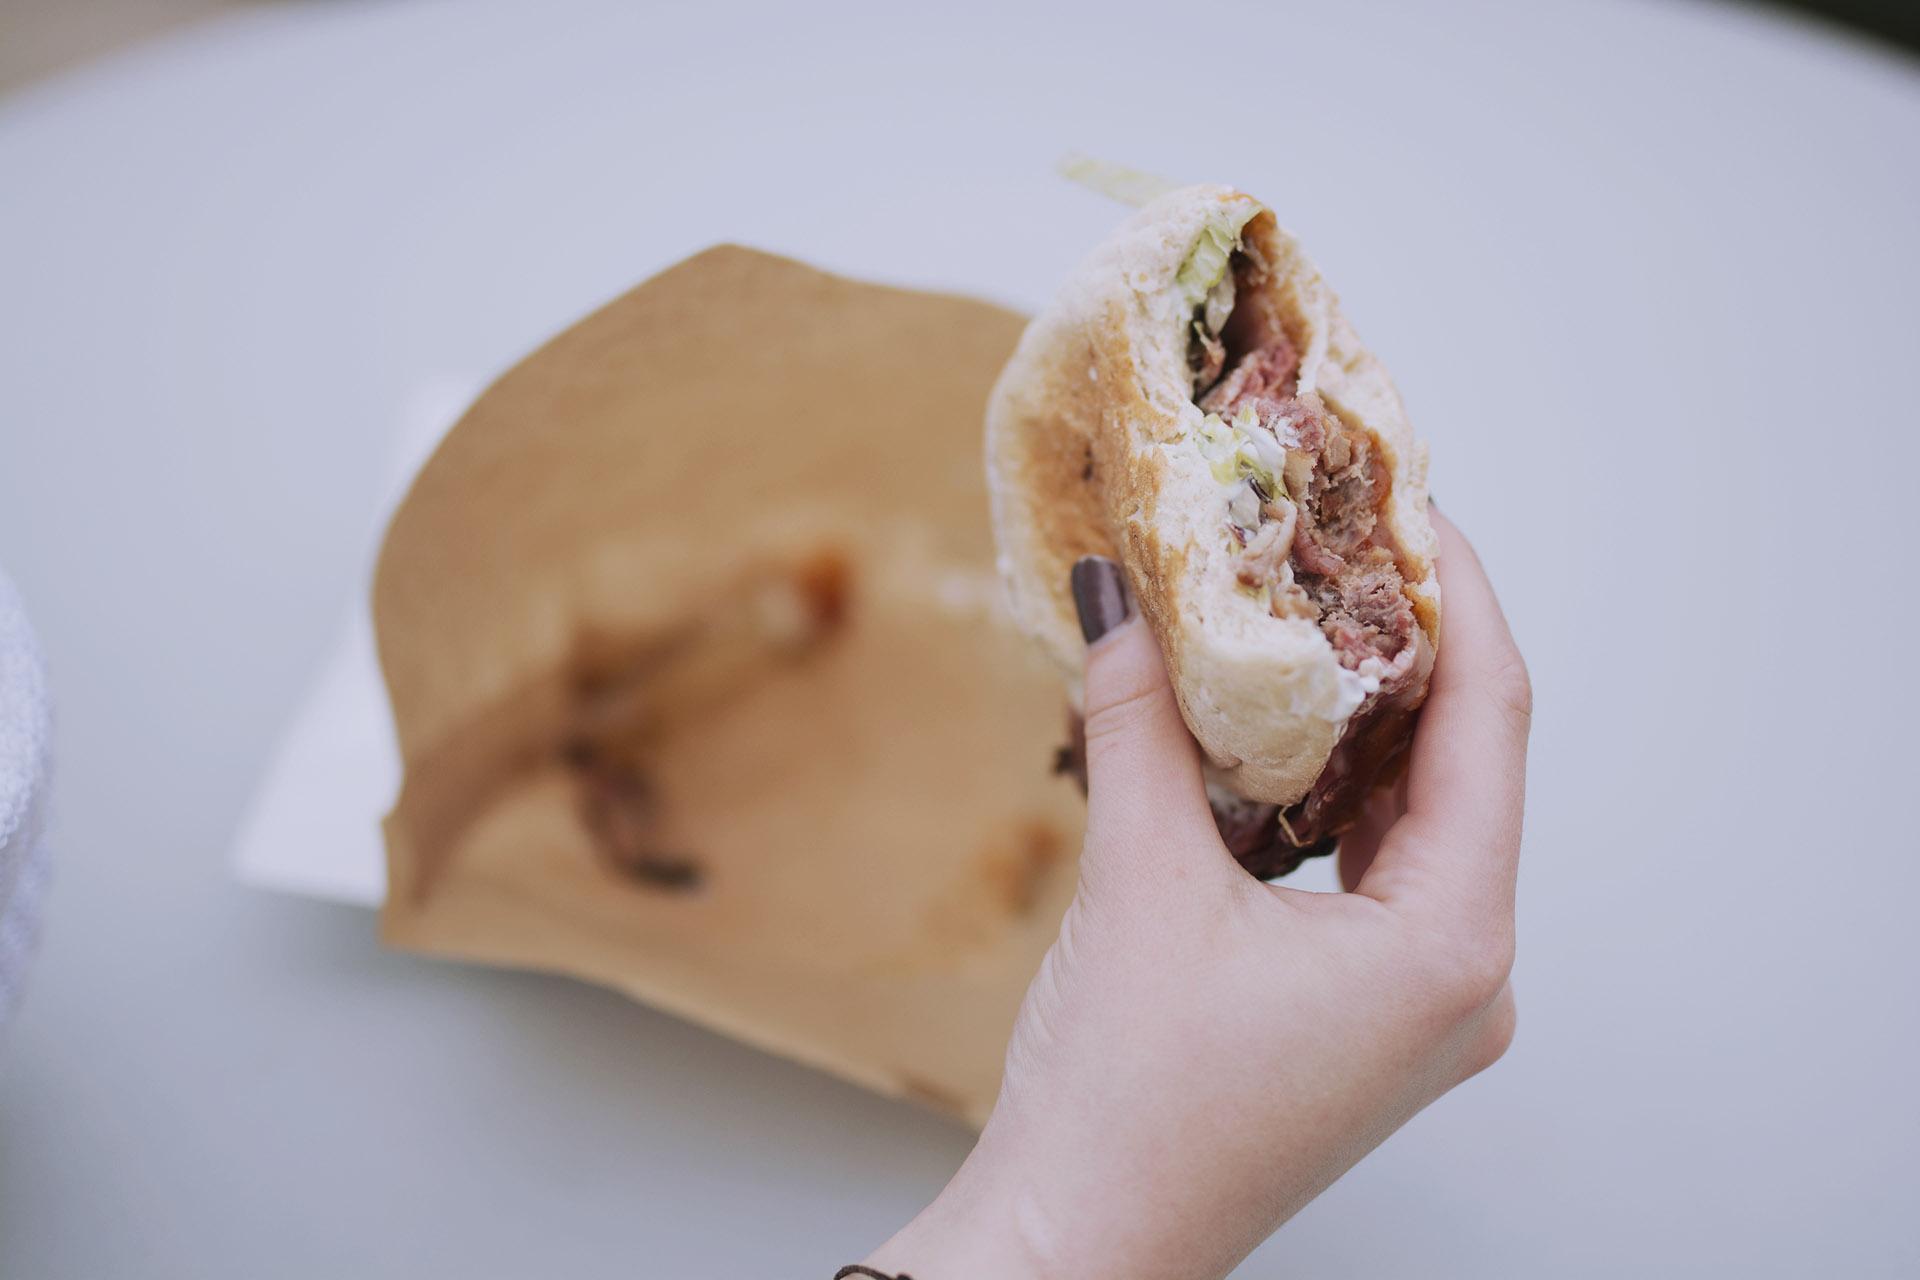 burgerfestival_wearecity_köln5.2.jpg